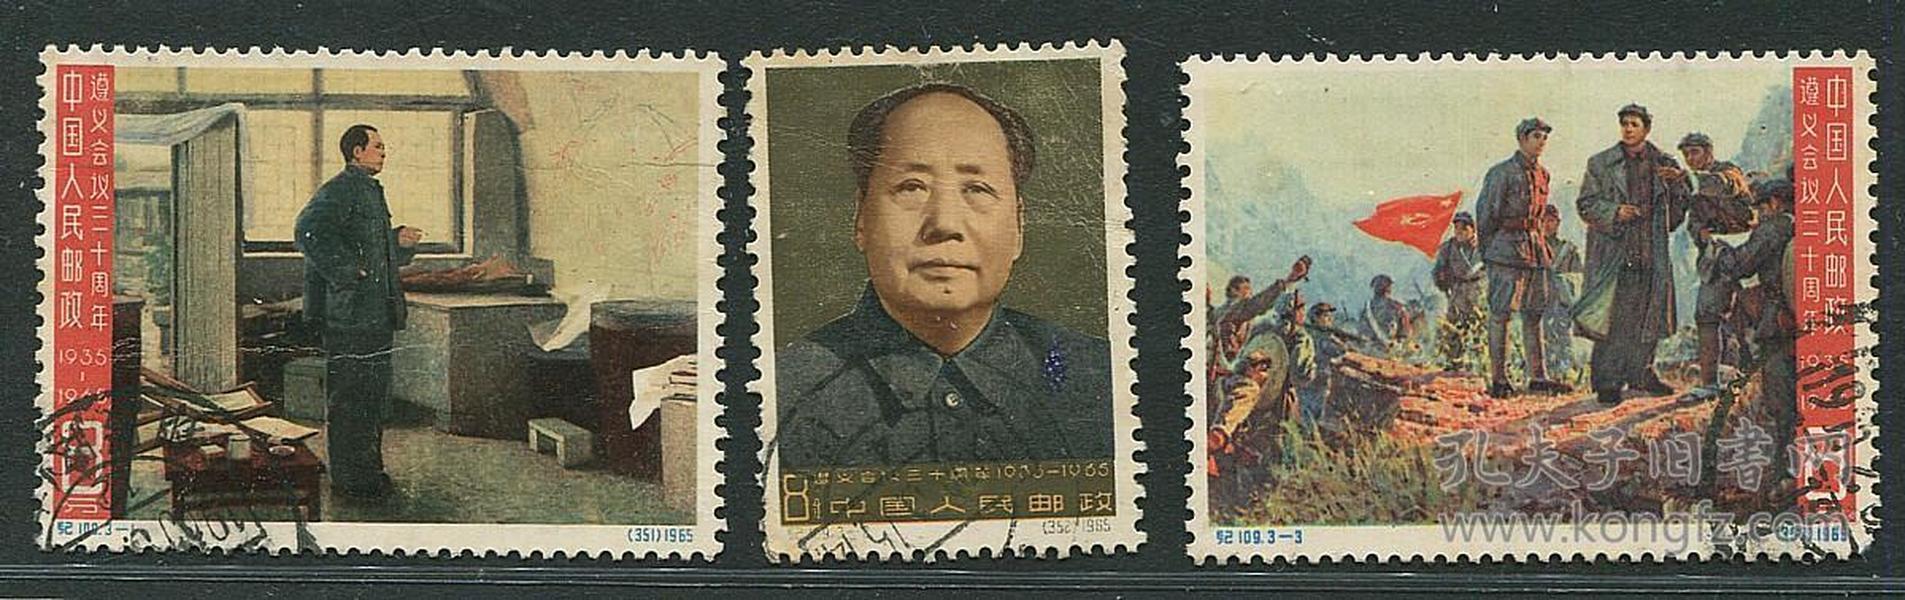 纪109遵义会议信销邮票